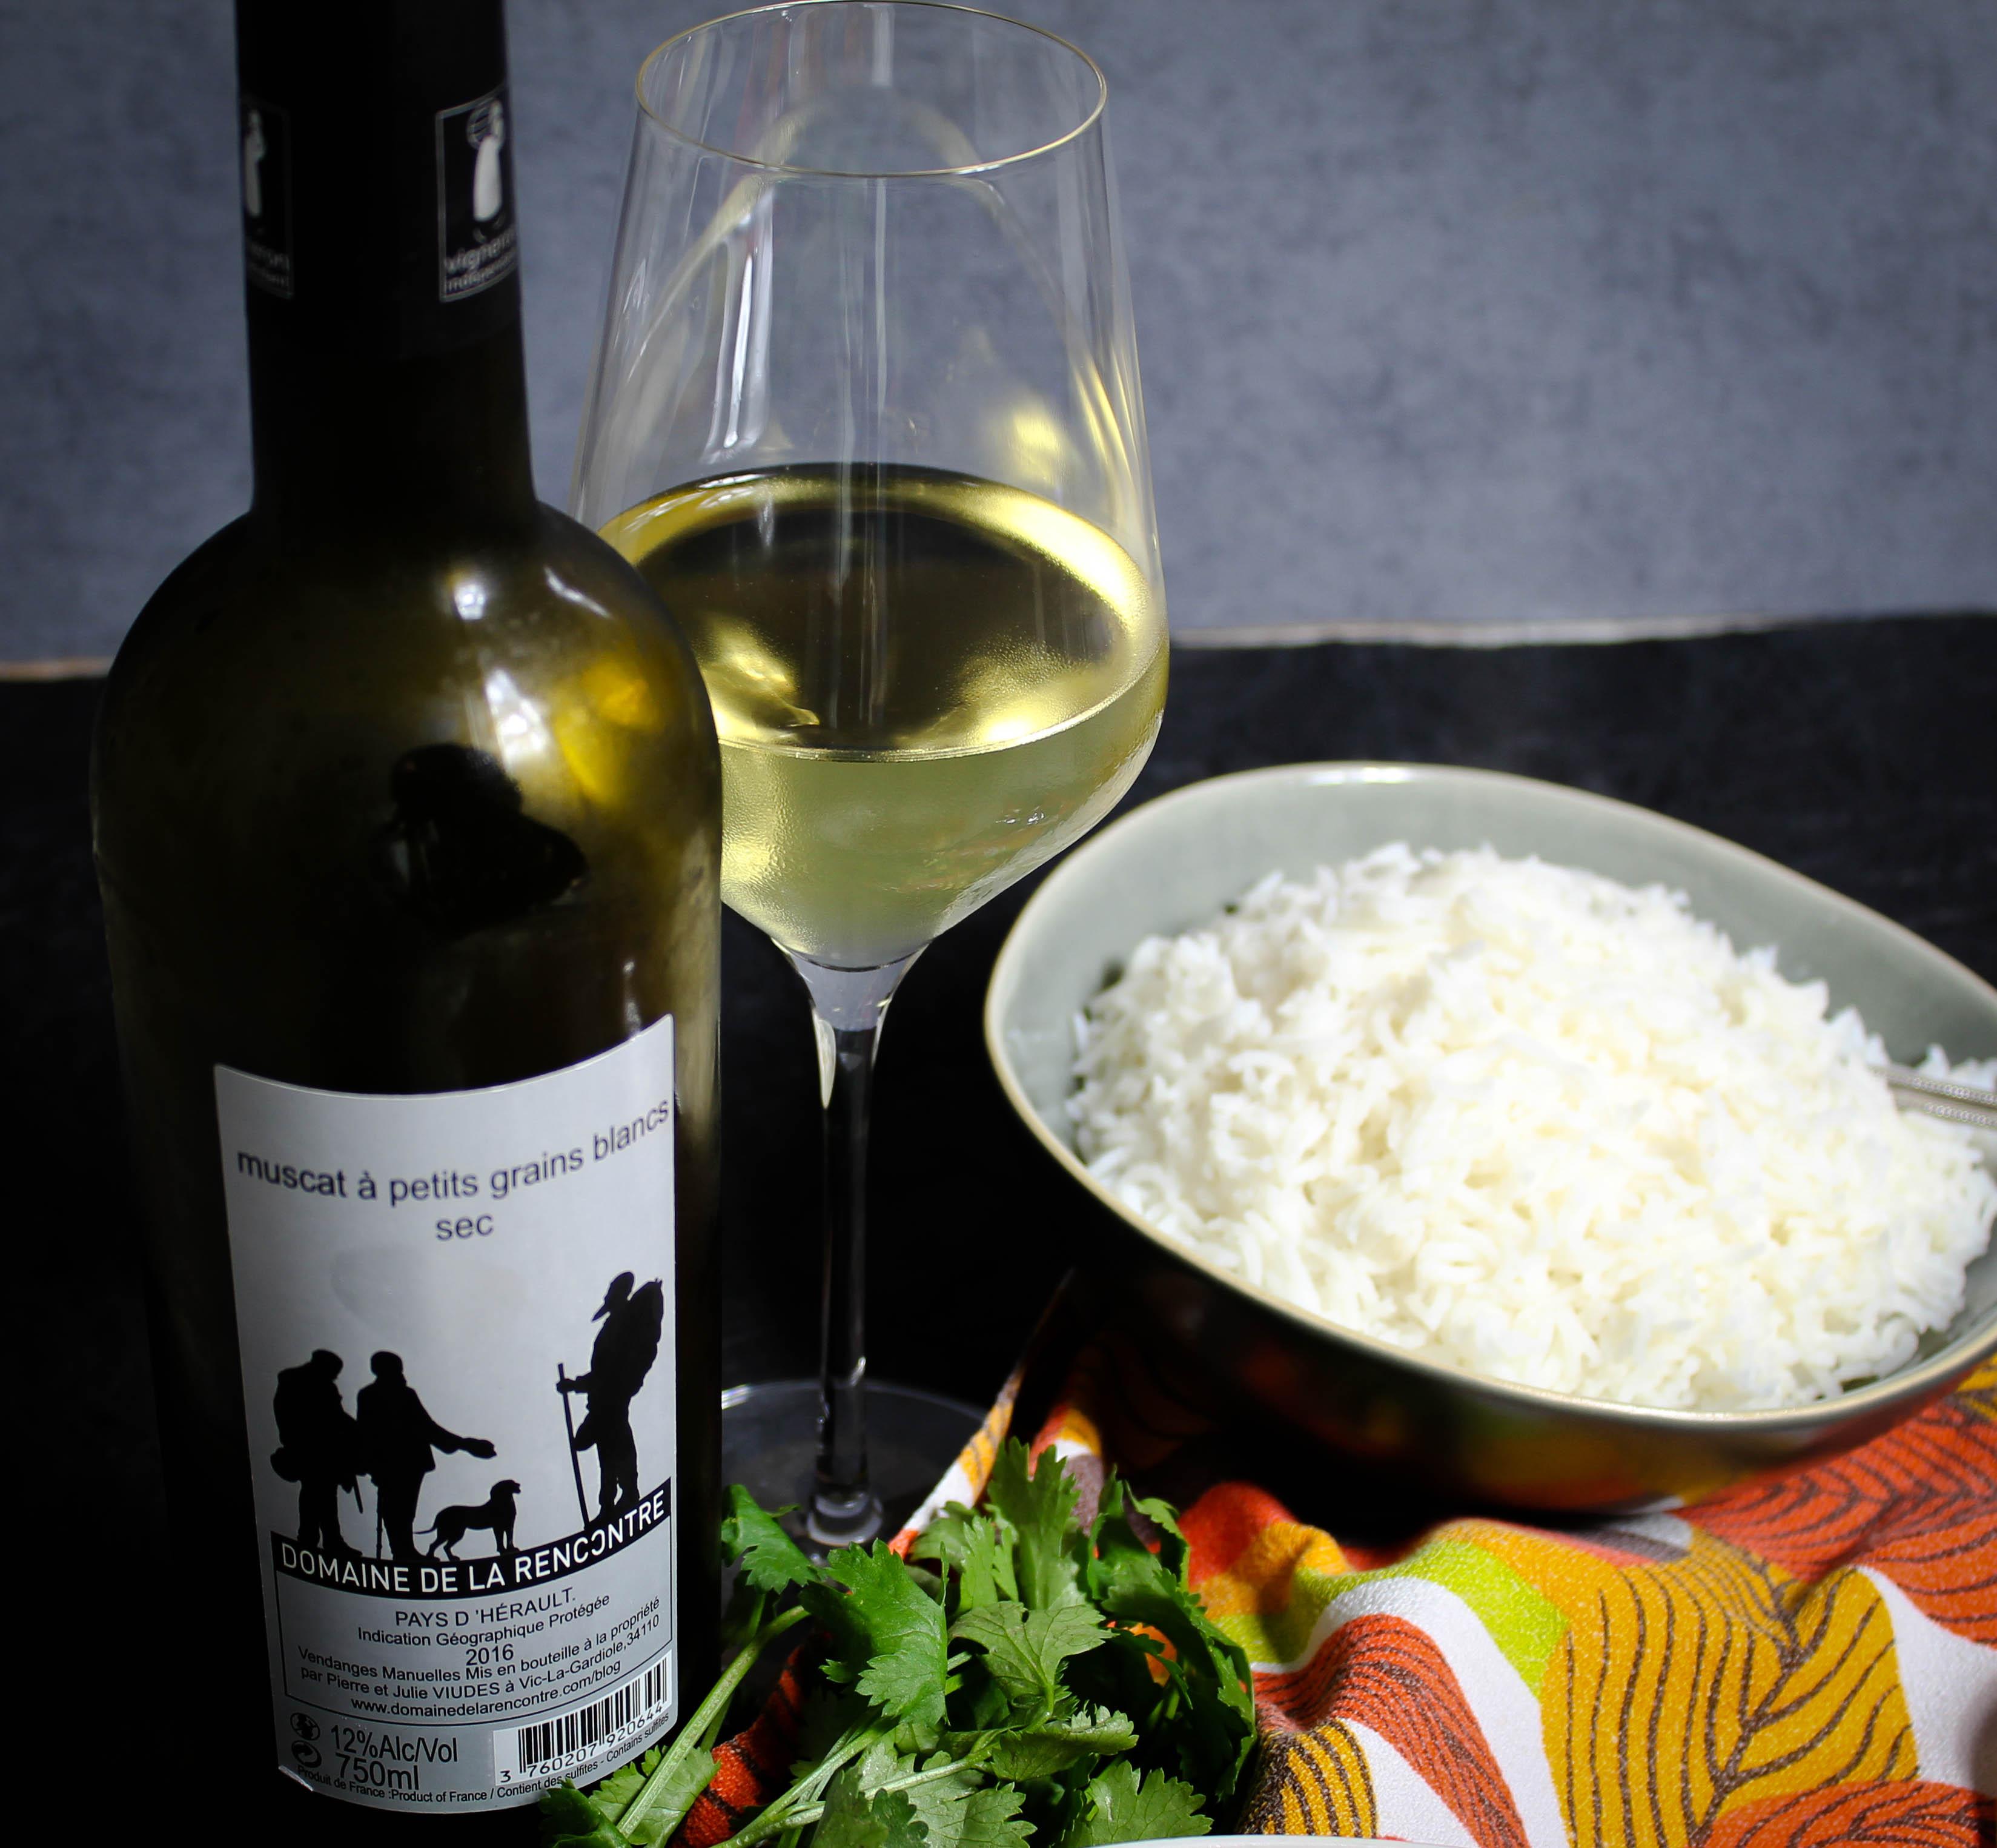 Muscat à petits grains blancs sec from Domaine de la Recontre for food and wine pairing